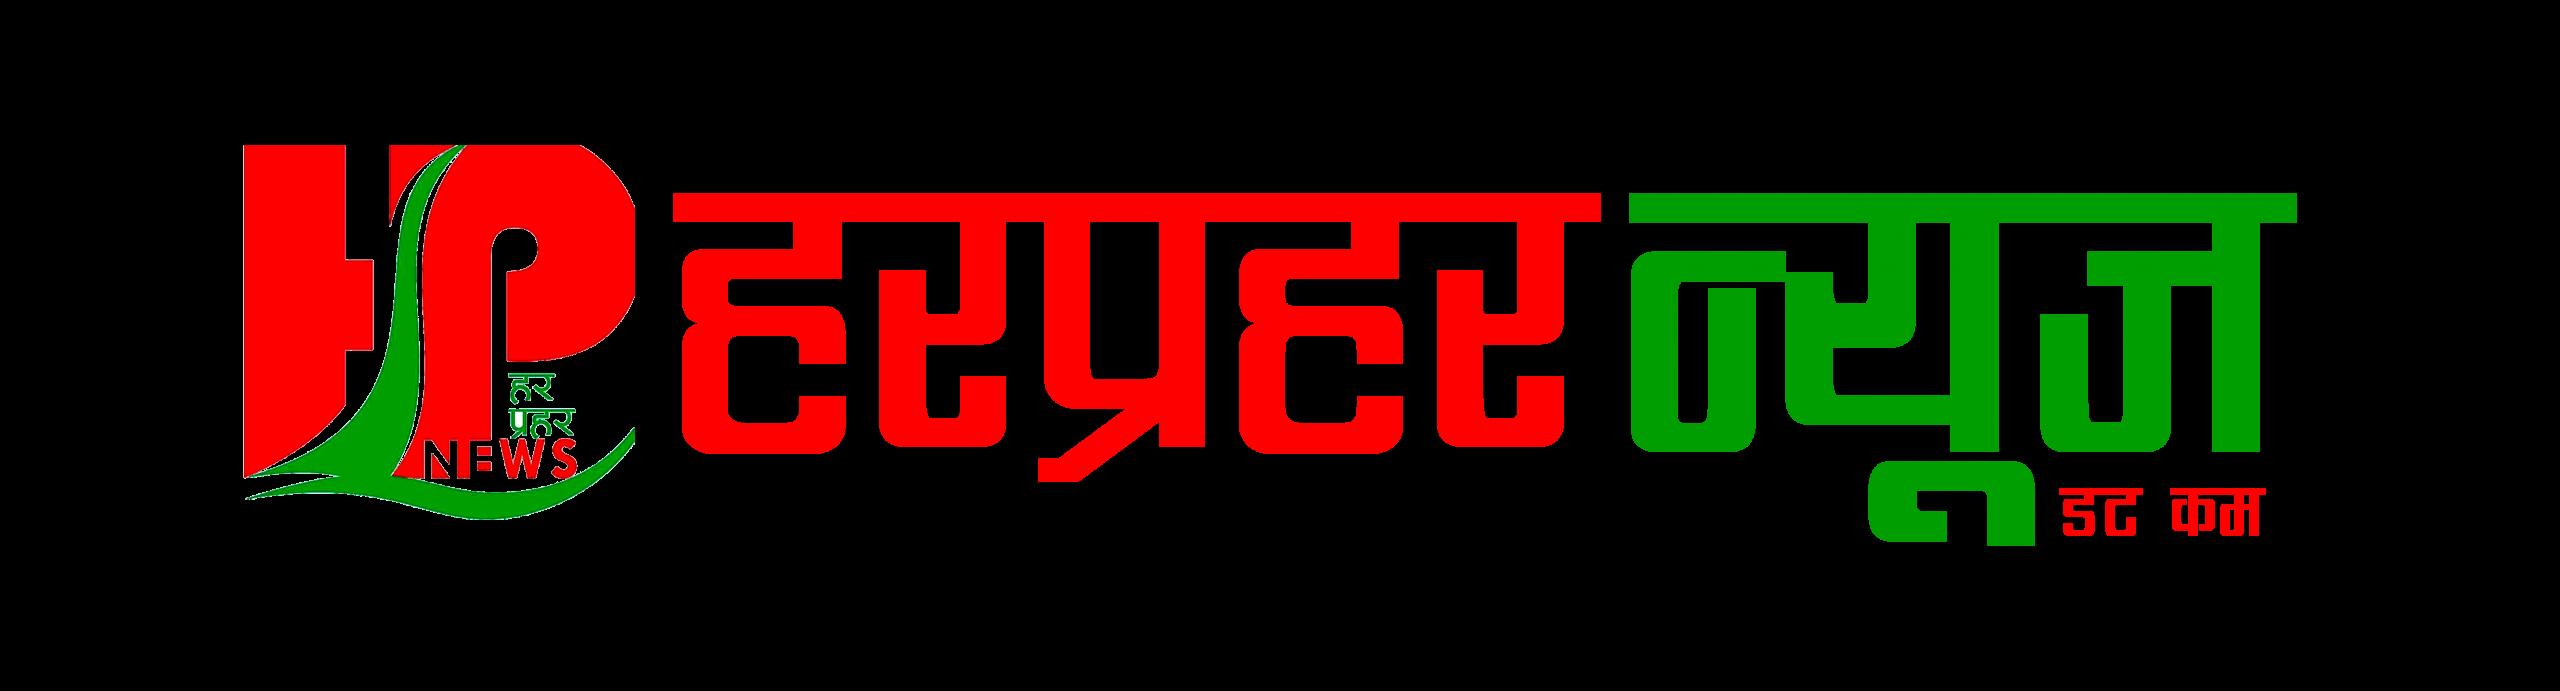 Harpraharnews.com</a>